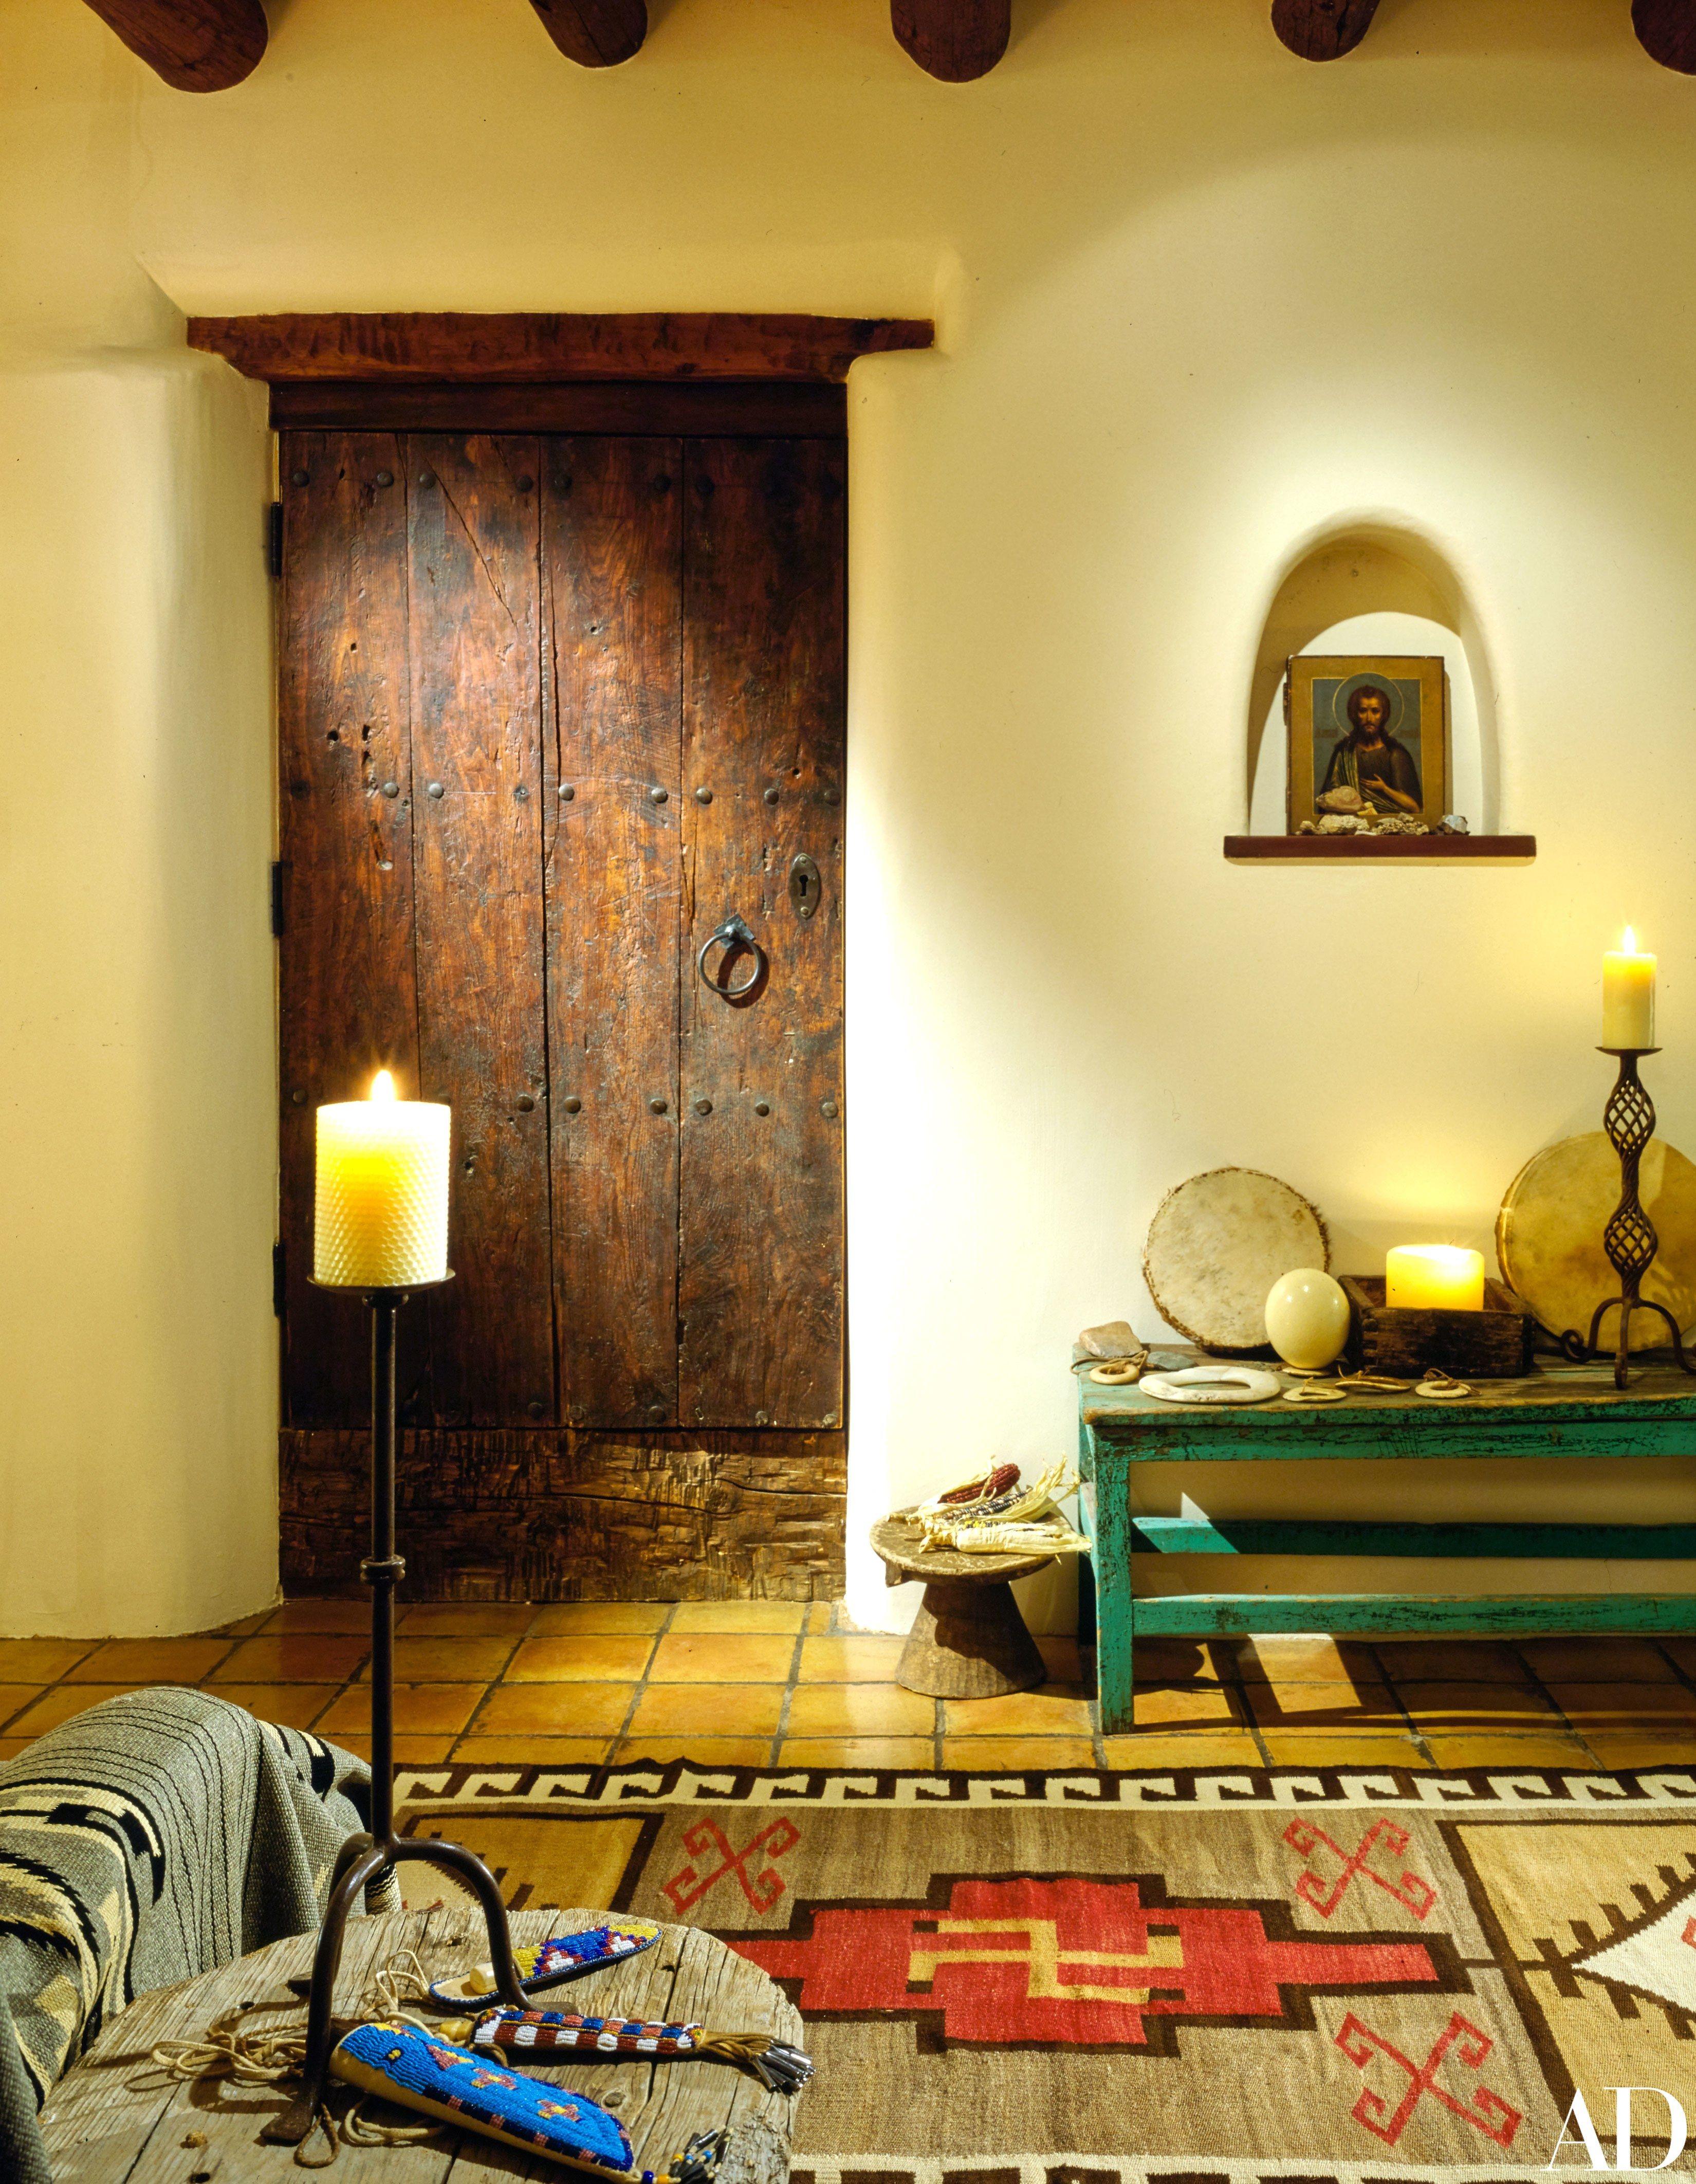 Santa fe style interior design - Val Kilmer S Spiritual Oasis In The Hills Of Santa Fe